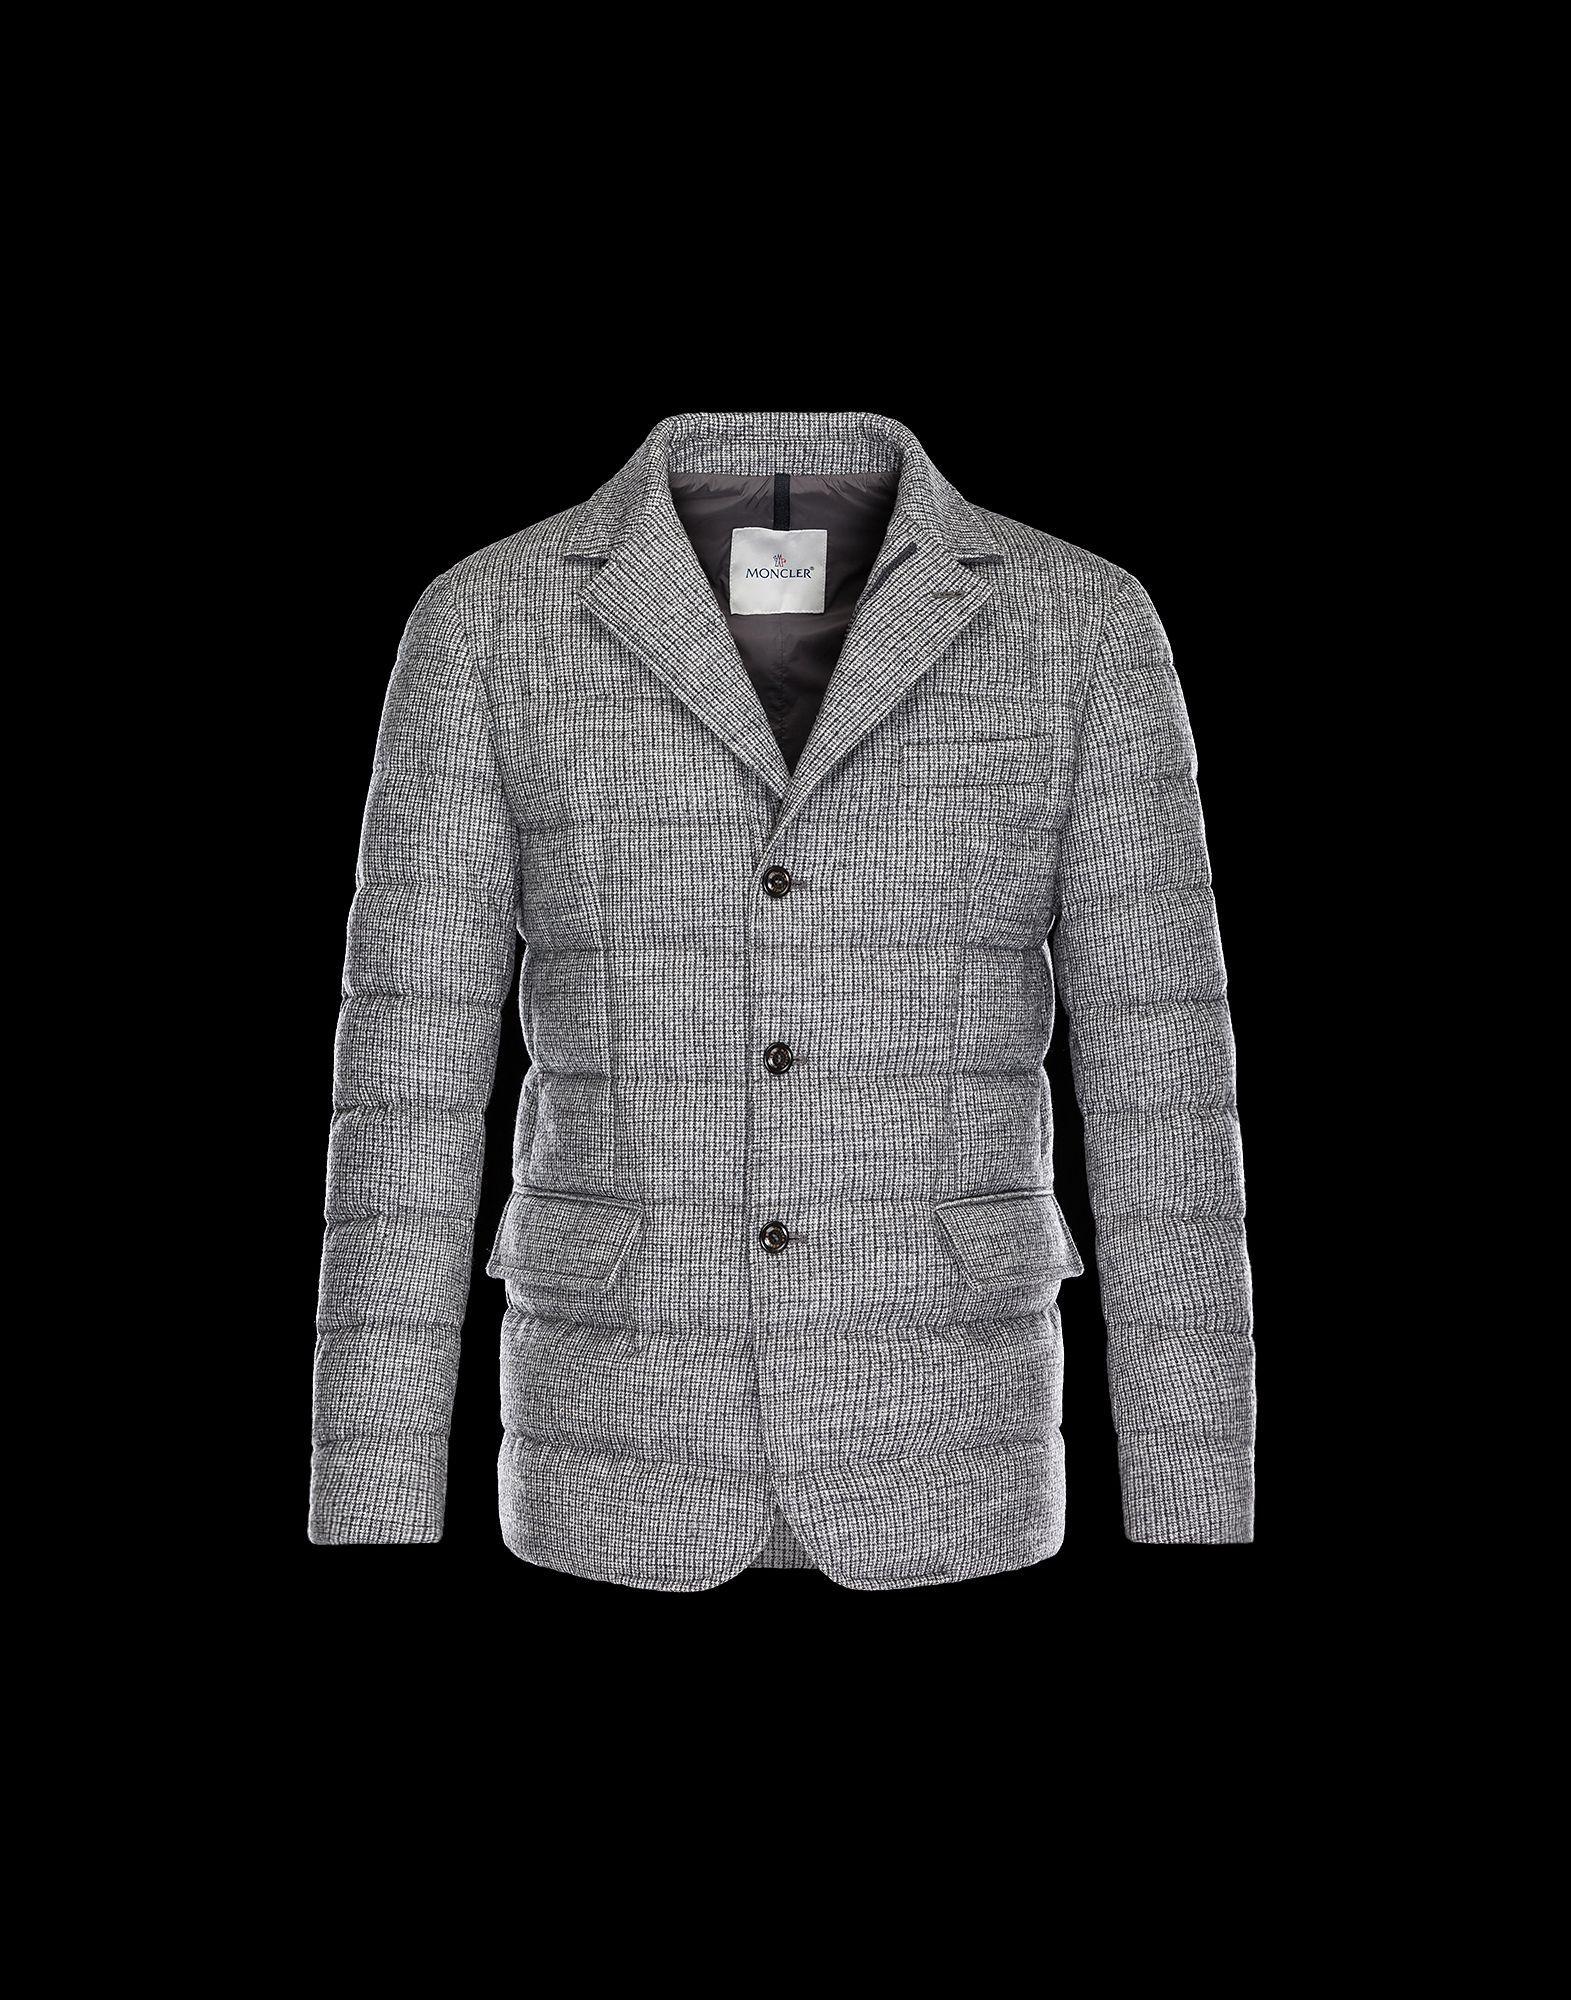 OVERCOAT | Flannel Rhapsody | Moncler, Winter jackets ...